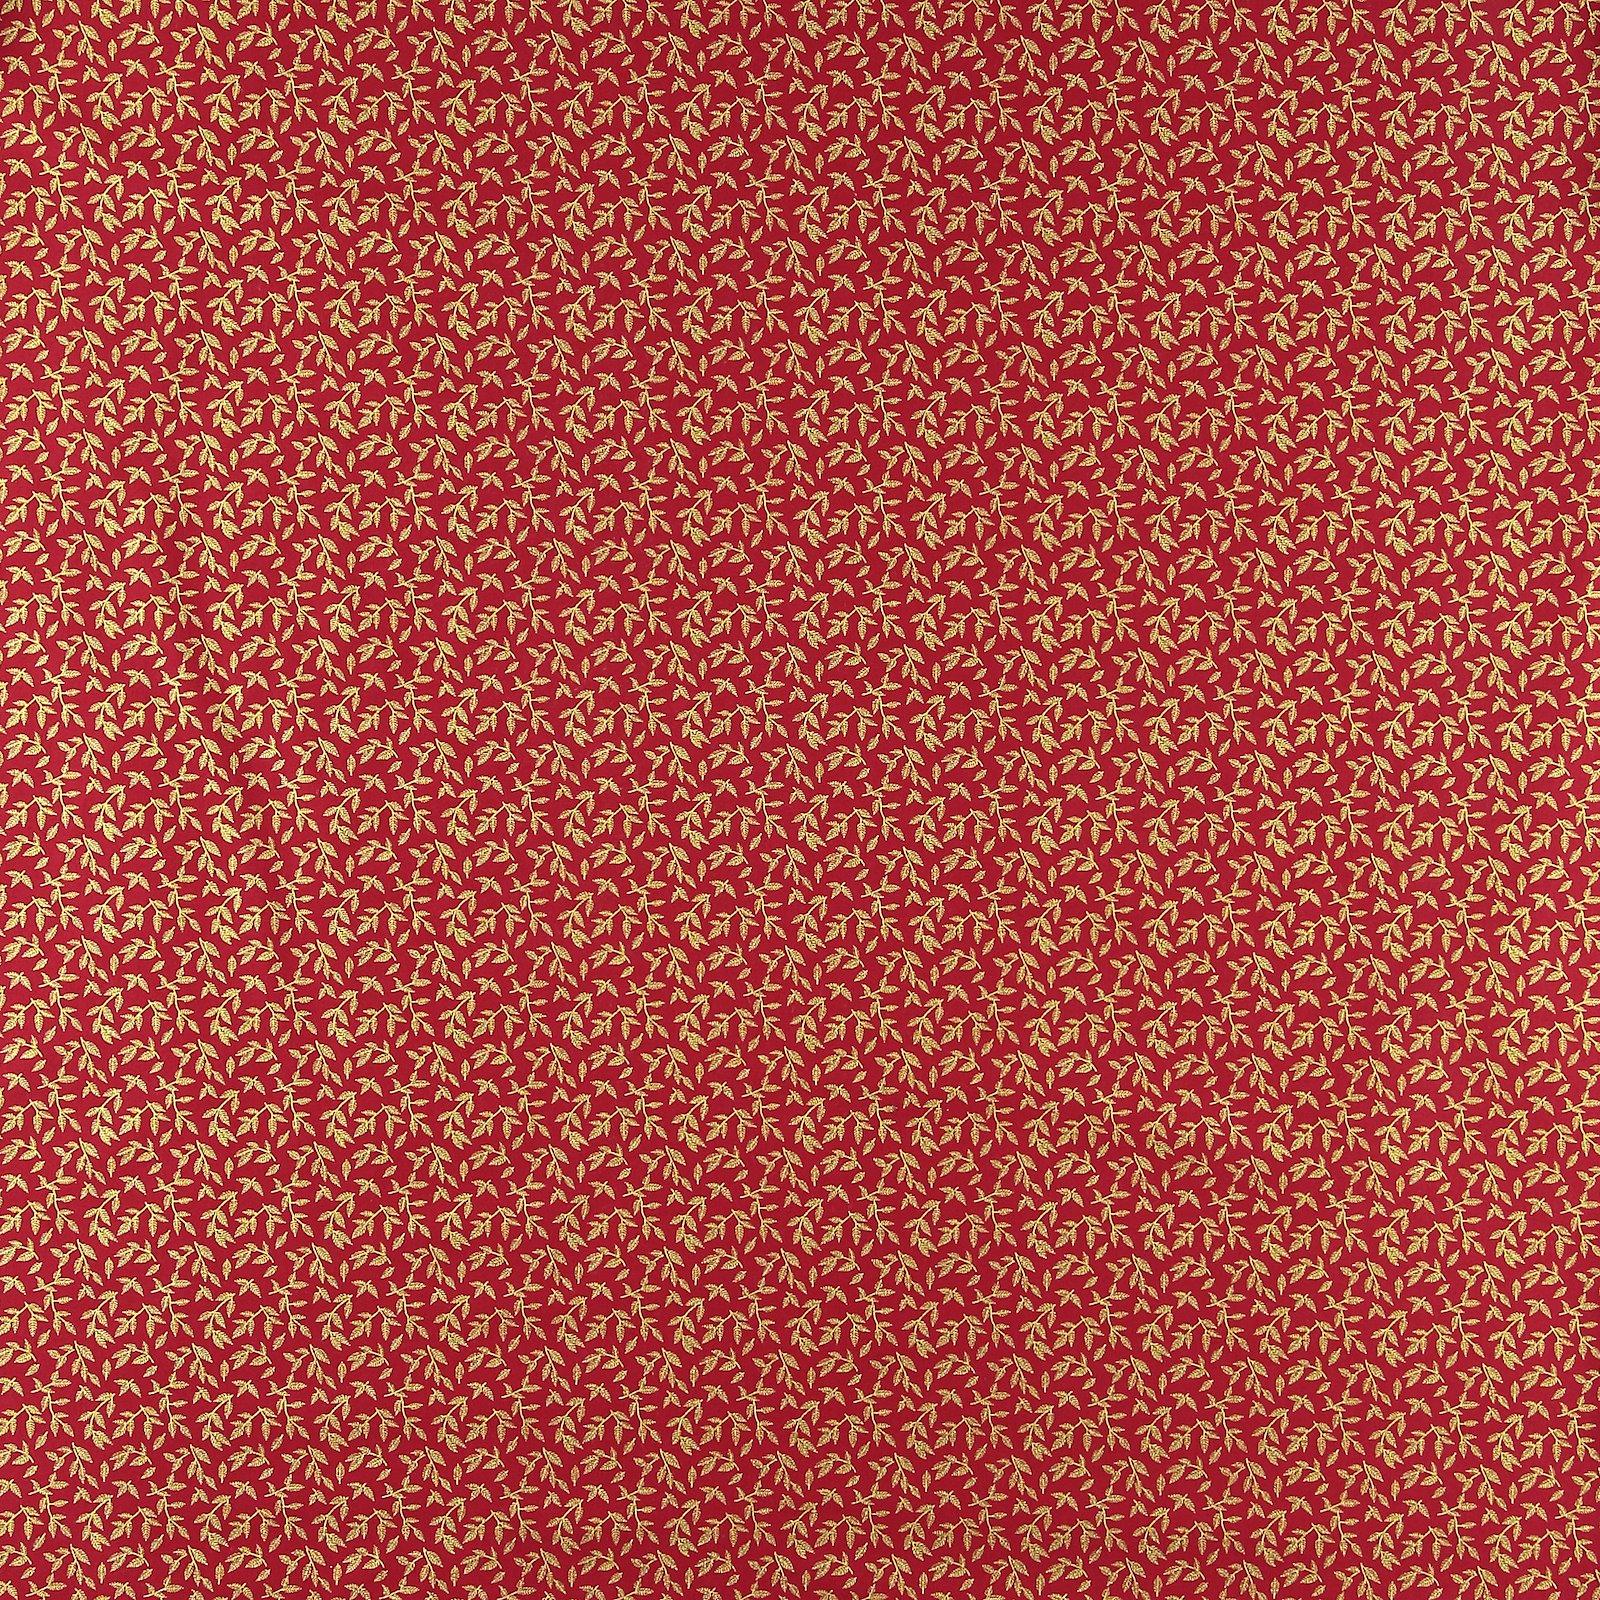 Baumwolle, Rot mit goldenen Blättern 852325_pack_sp